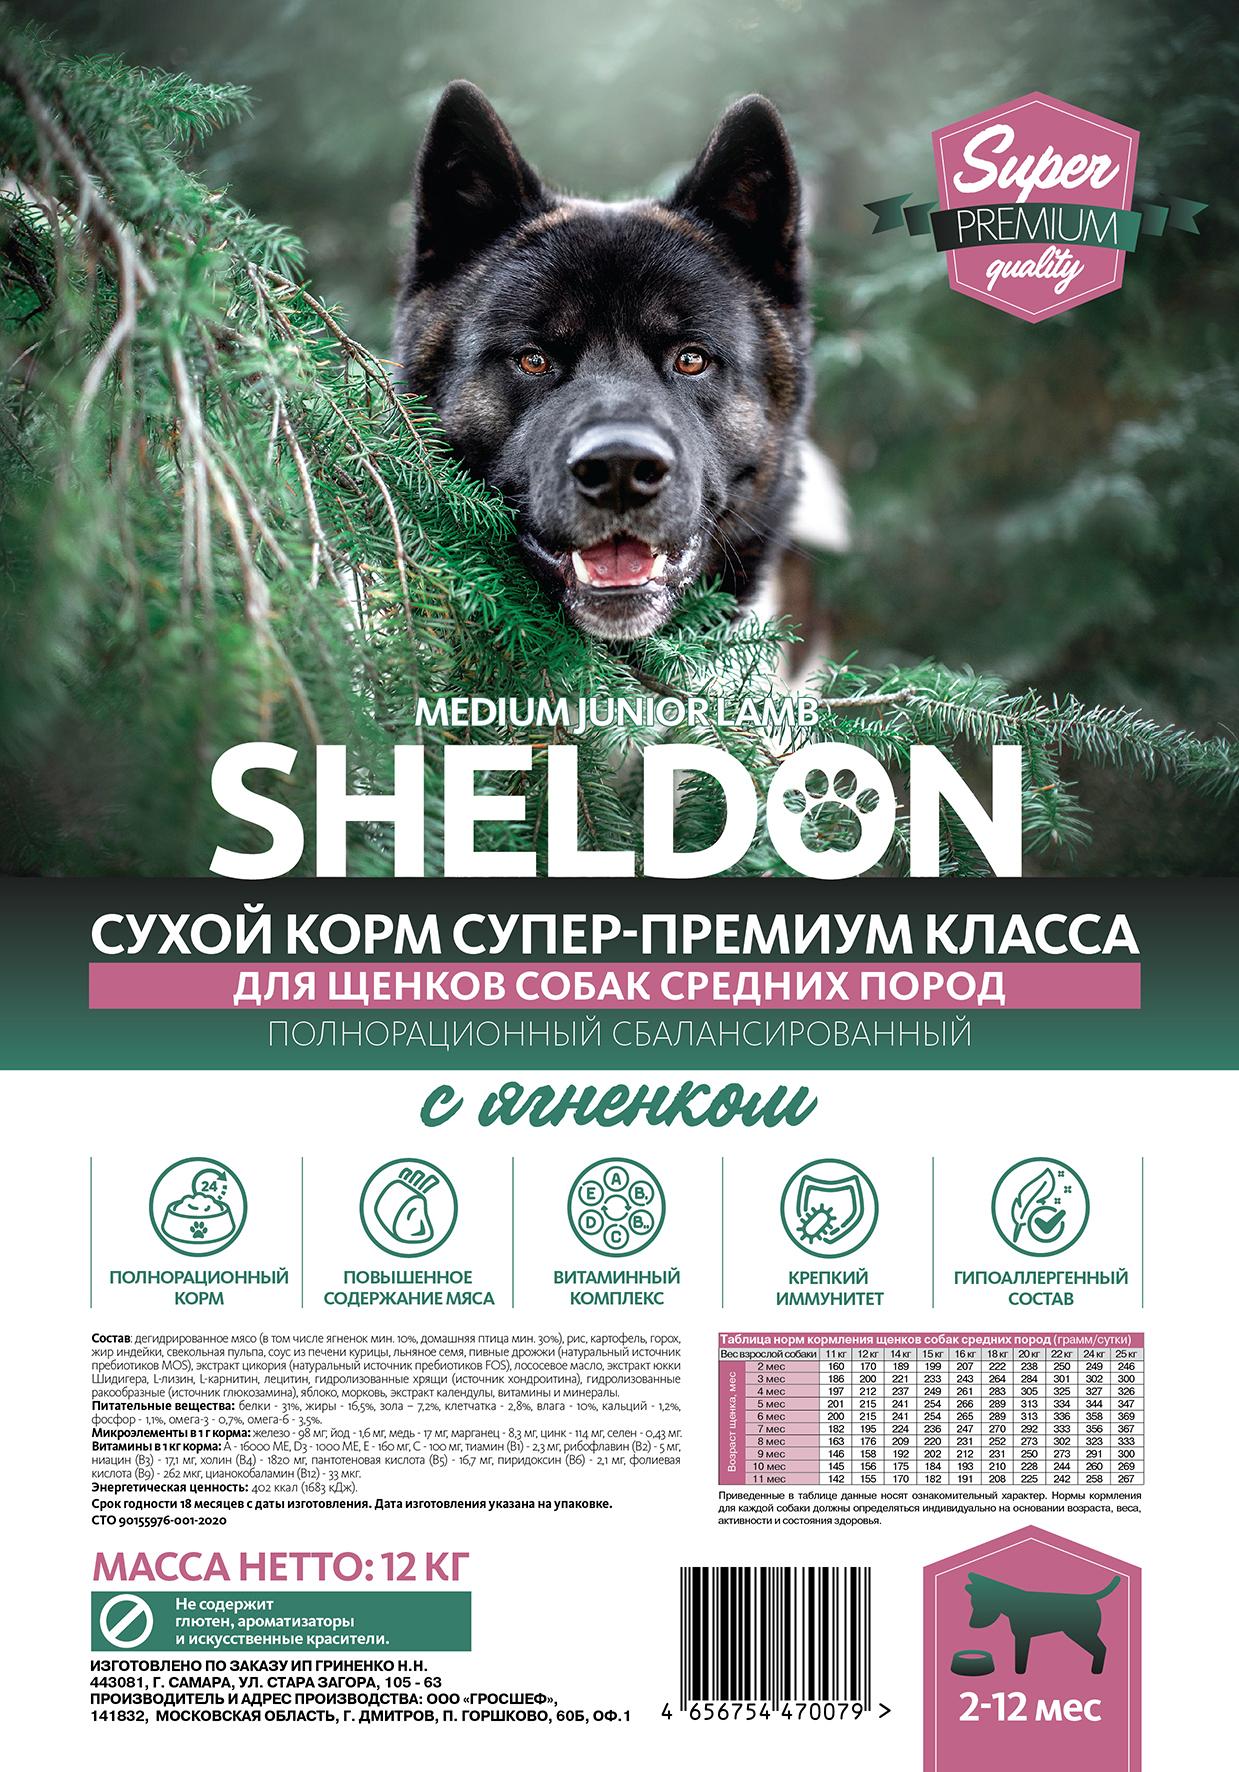 Каталог Сухой корм для щенков собак средних пород, Sheldon Medium Junior Lamb, с ягненком Sheldon_щенки_средних_пород.jpg